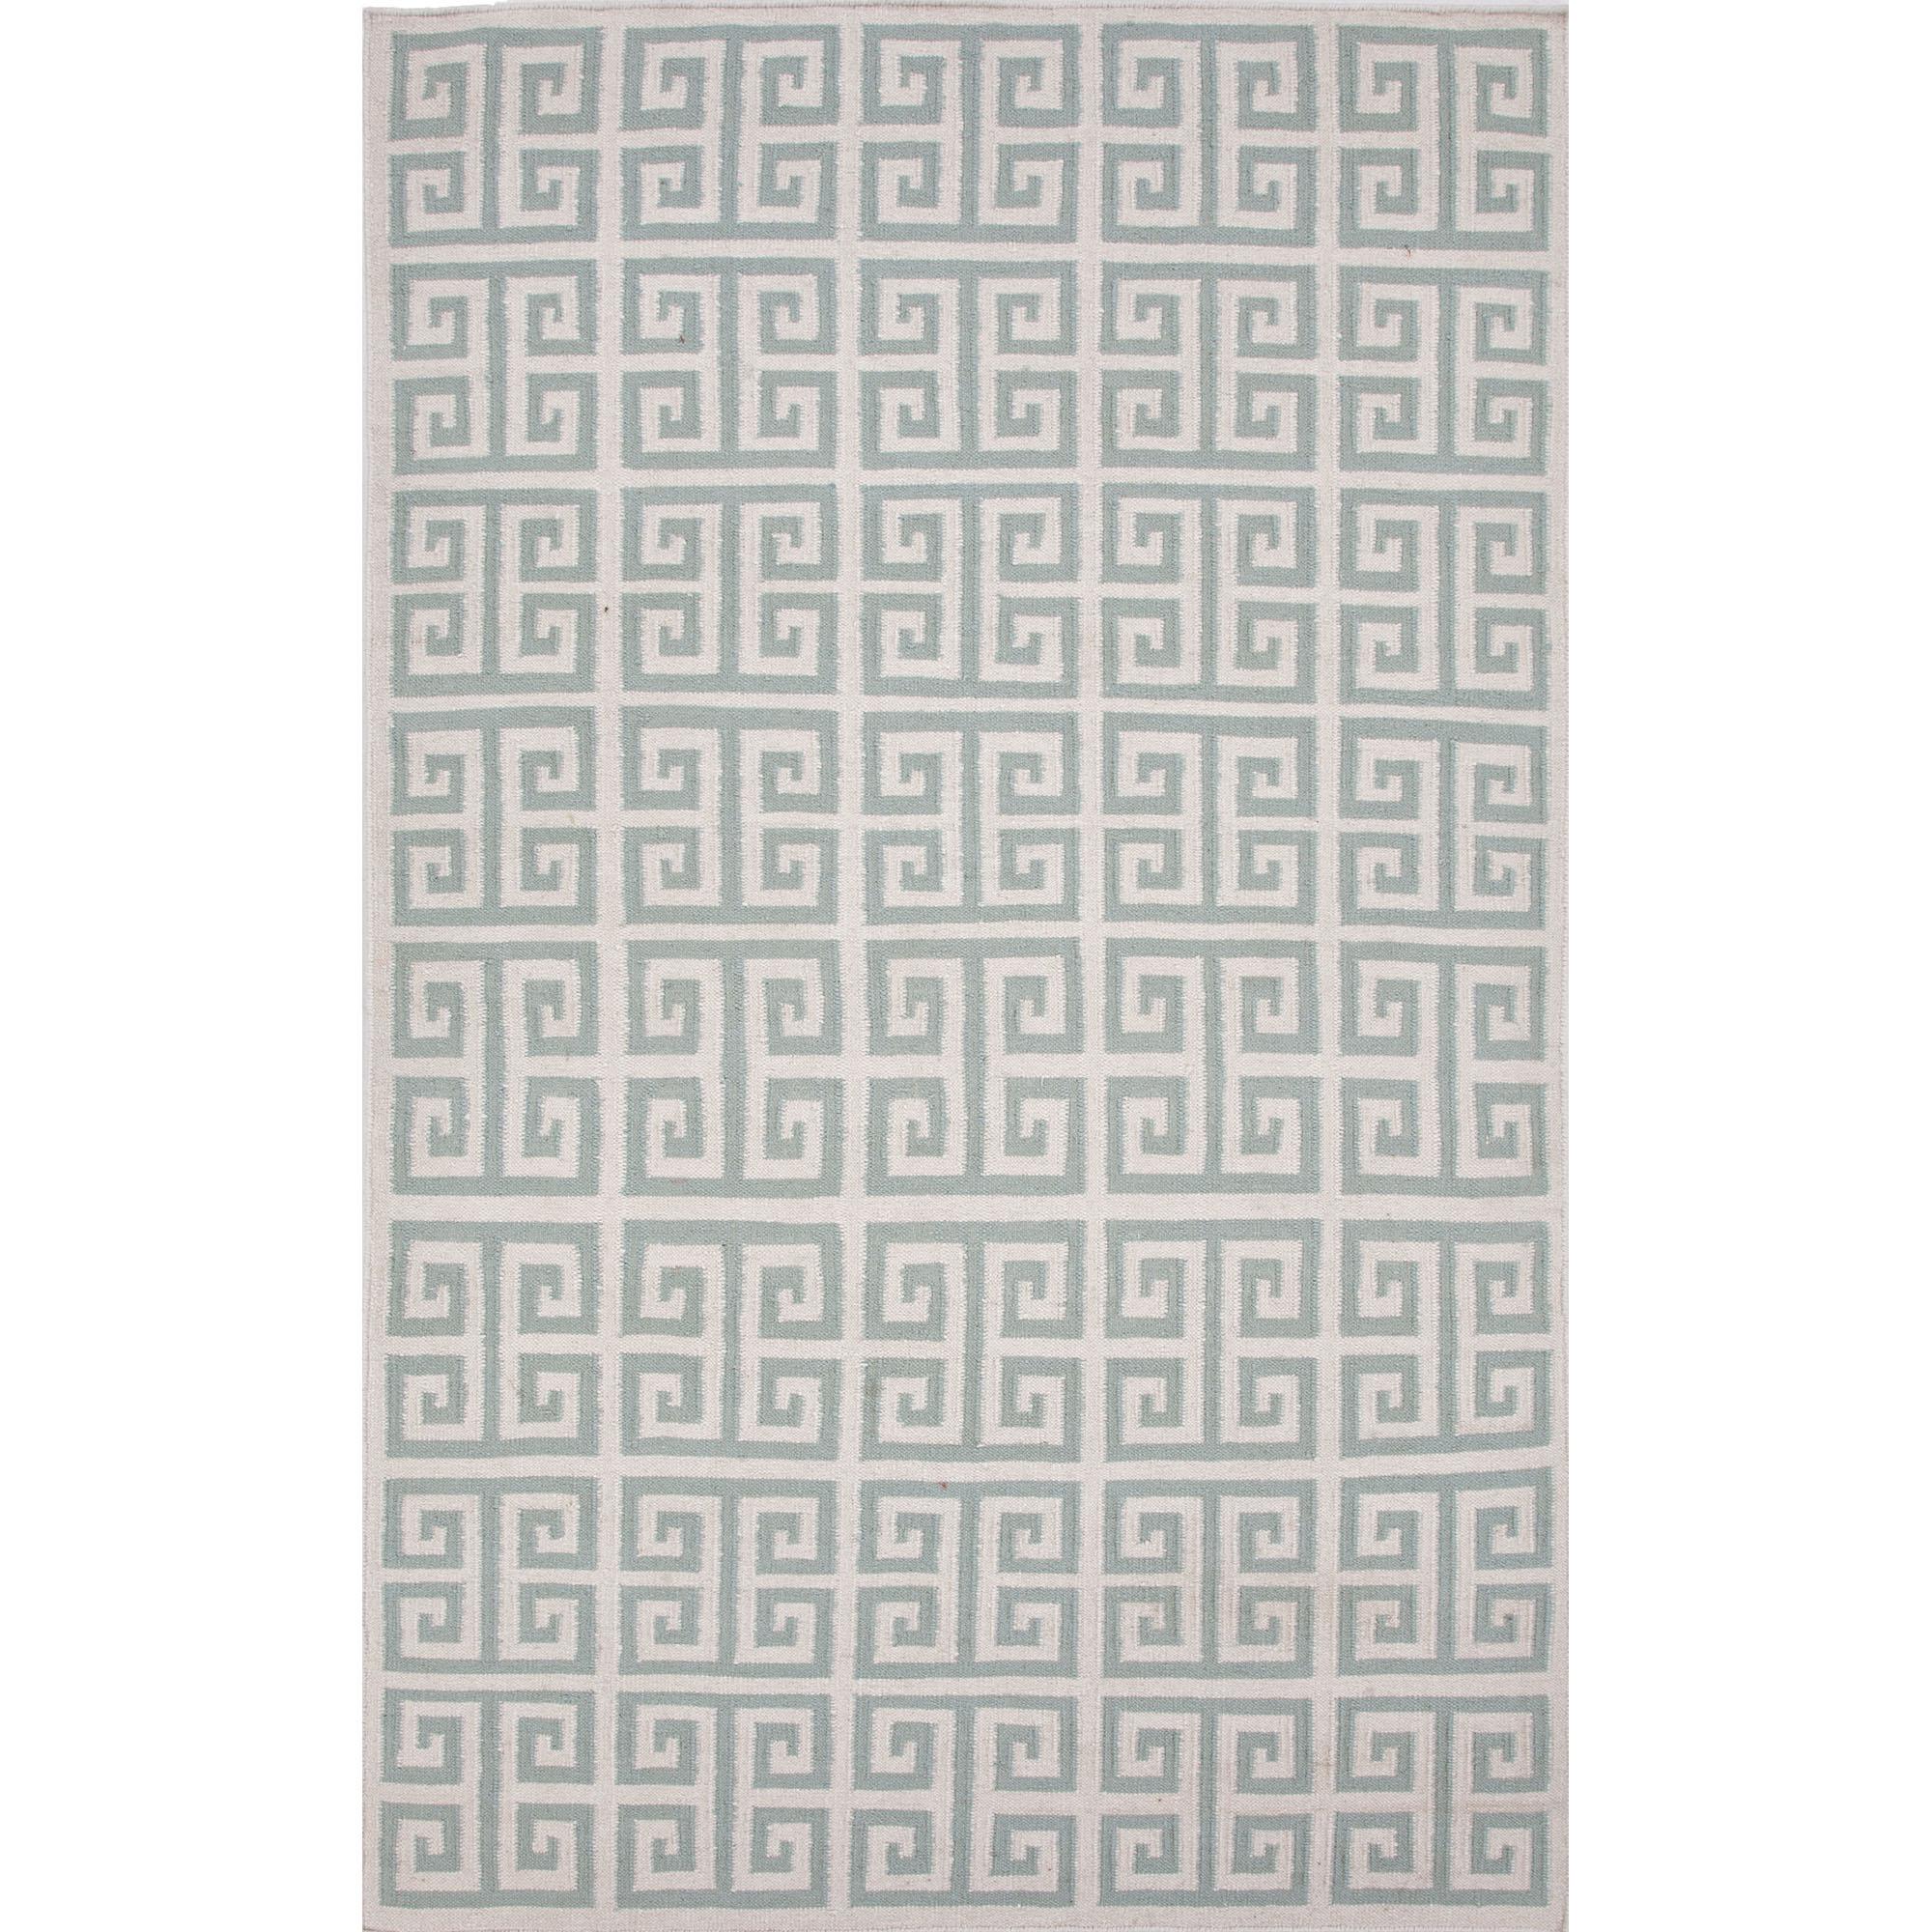 JAIPUR Rugs Urban Bungalow 9 x 12 Rug - Item Number: RUG104217